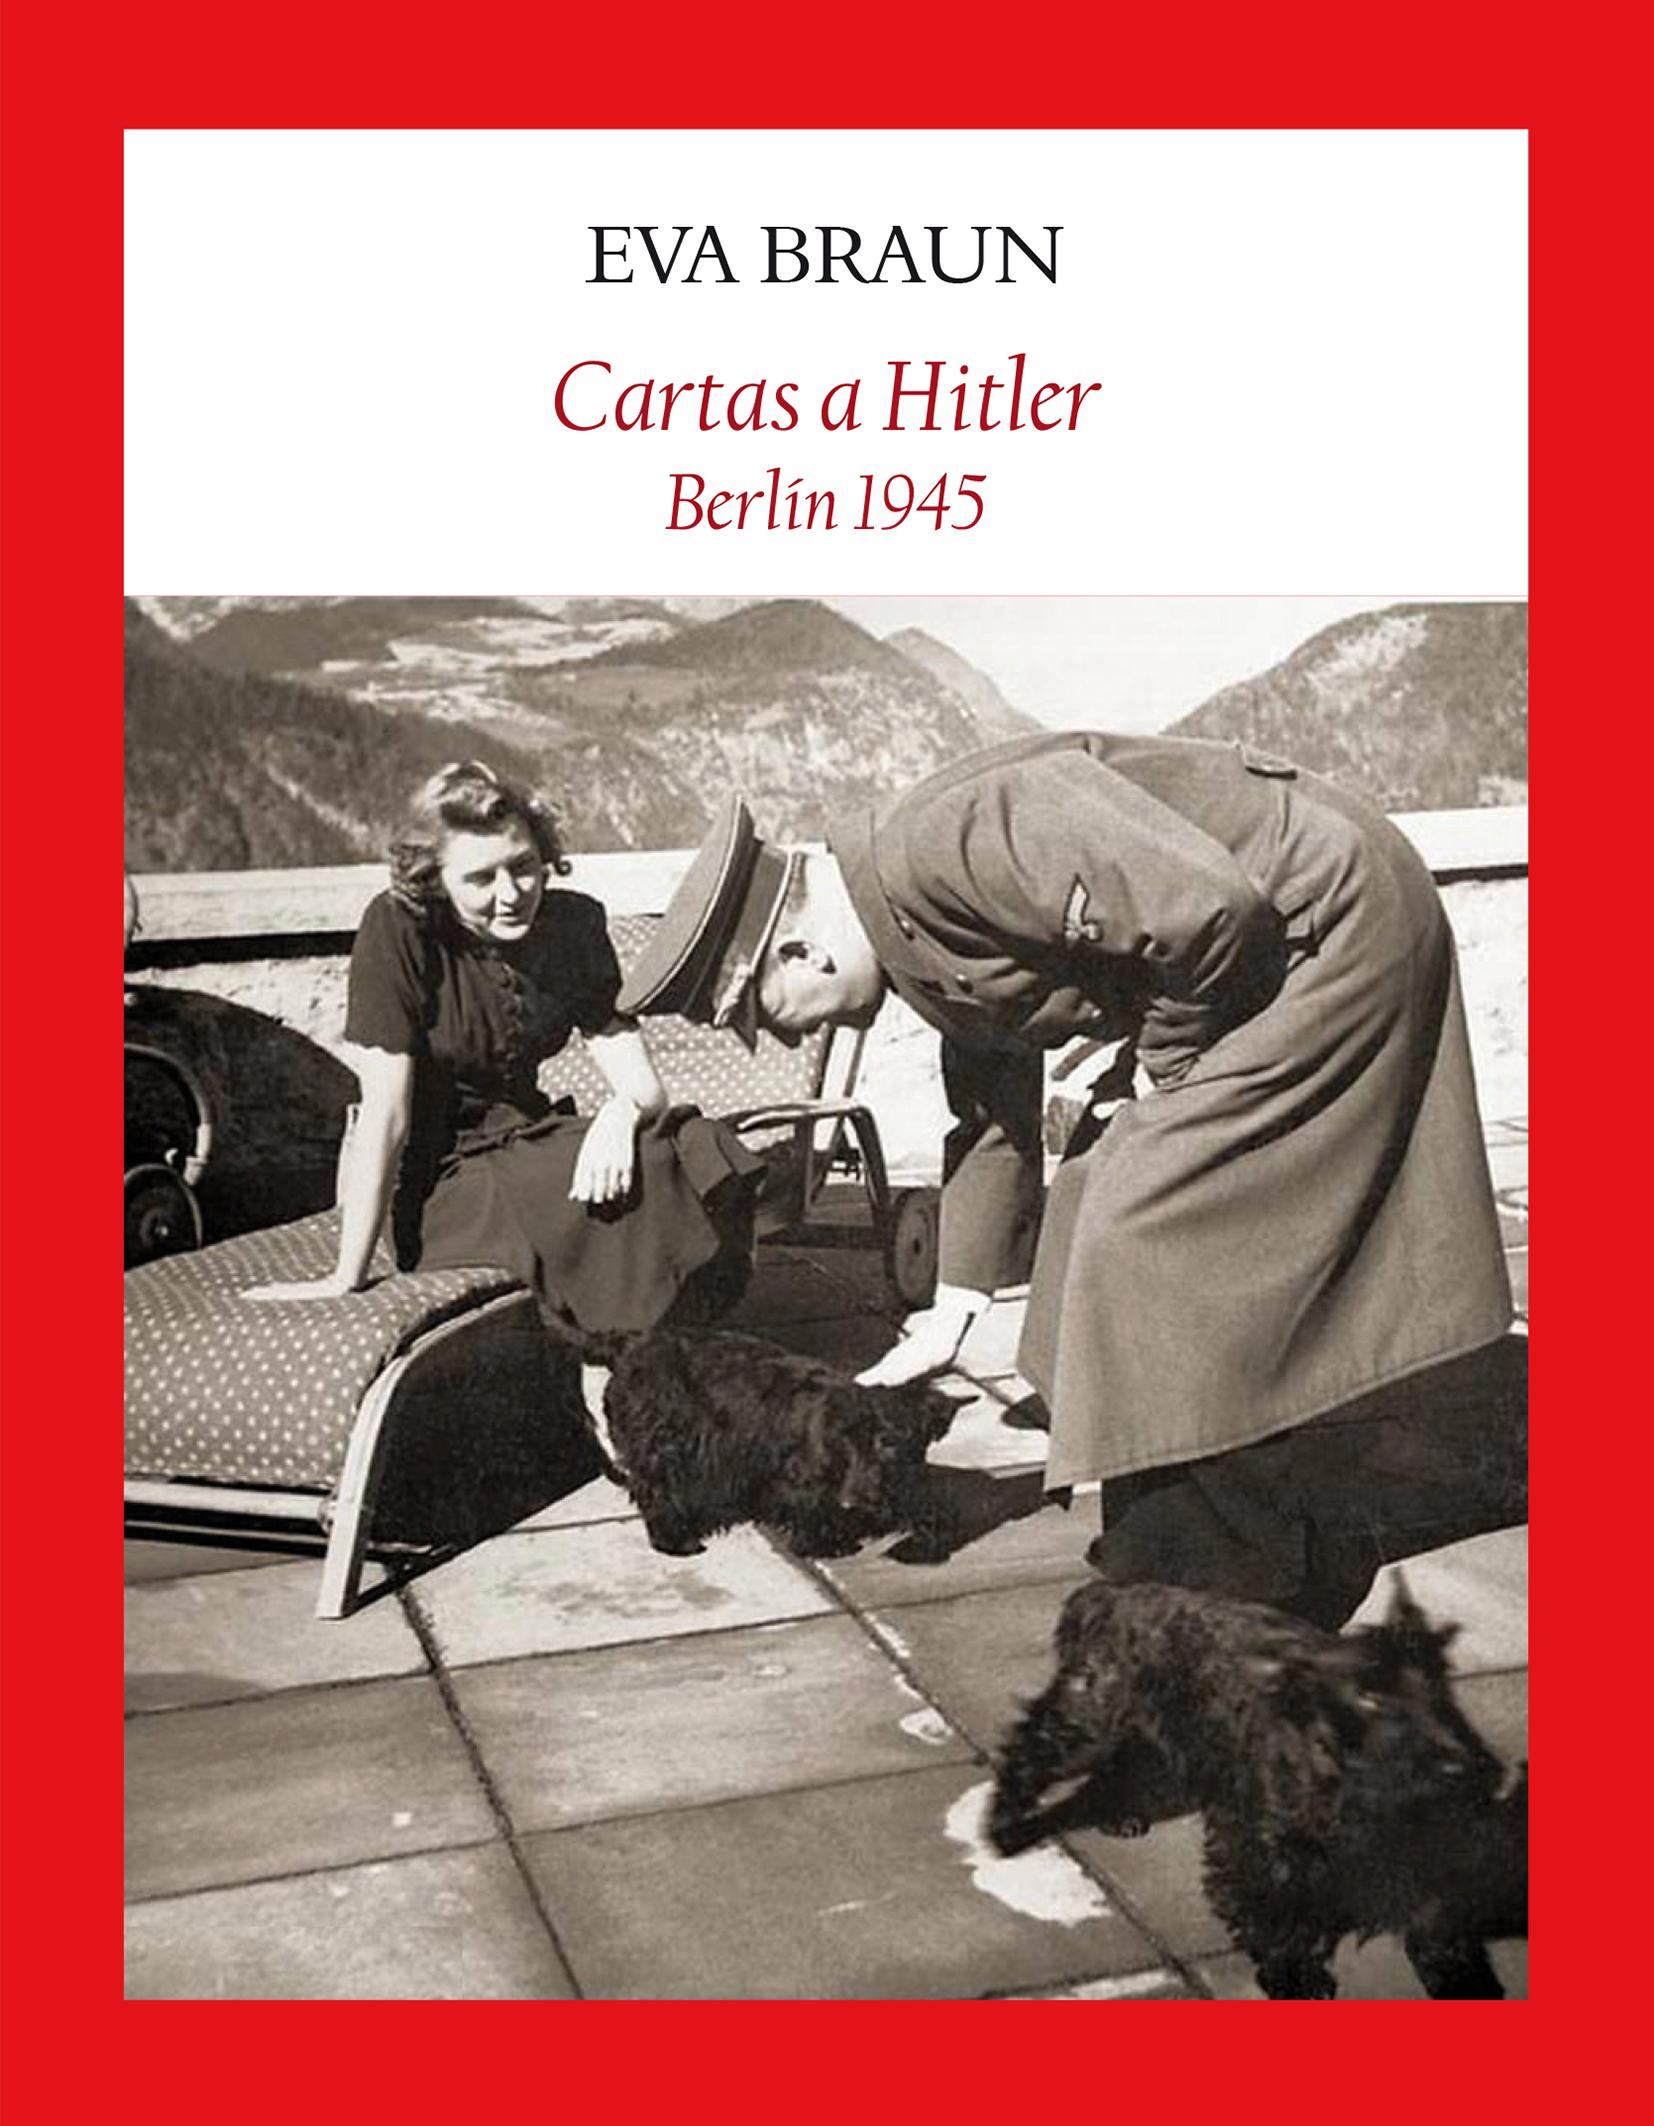 Cartas a Hitler, Berlín 1945